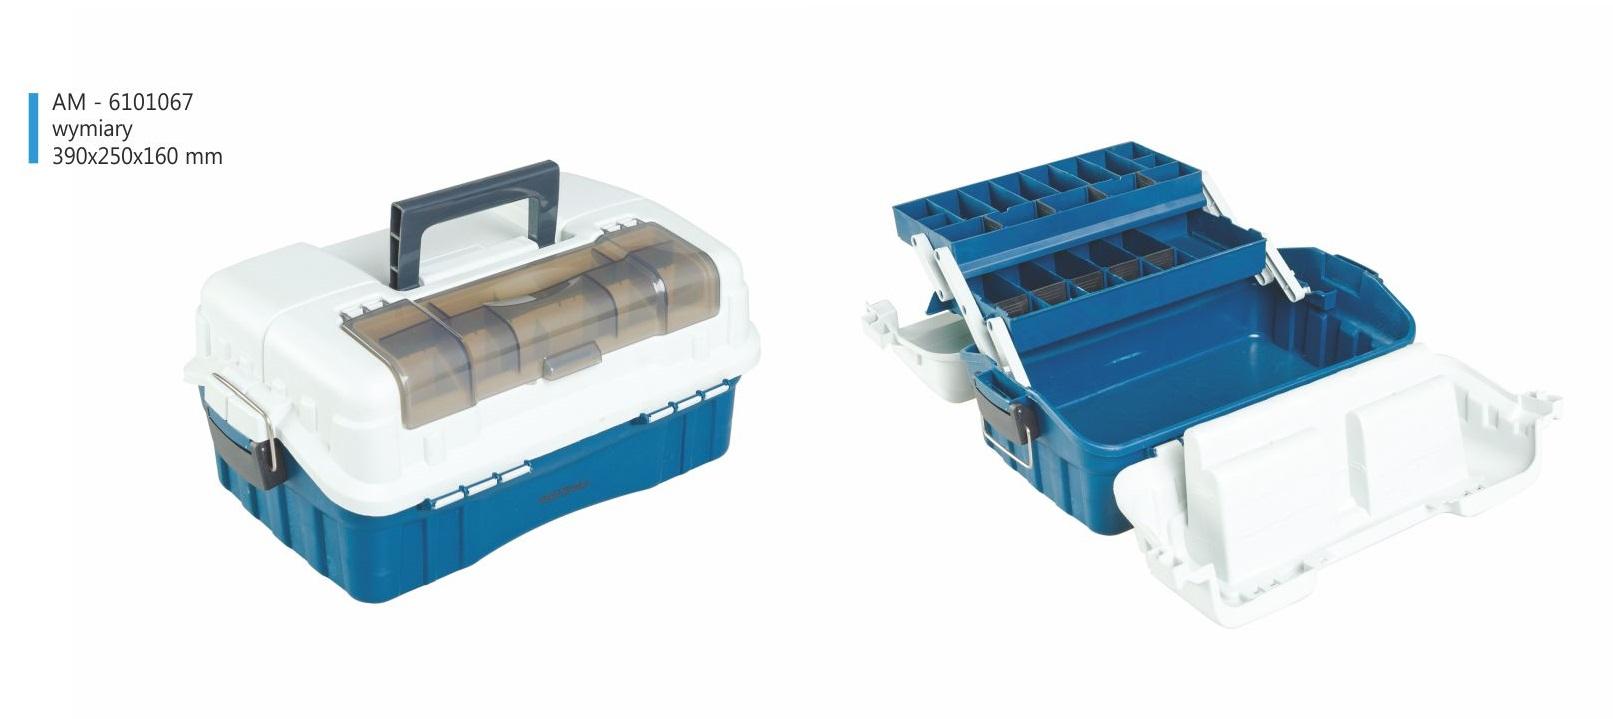 Mistrall rozkládací kufřík na bižuterii, modrý, 390 x 250 x 160 mm